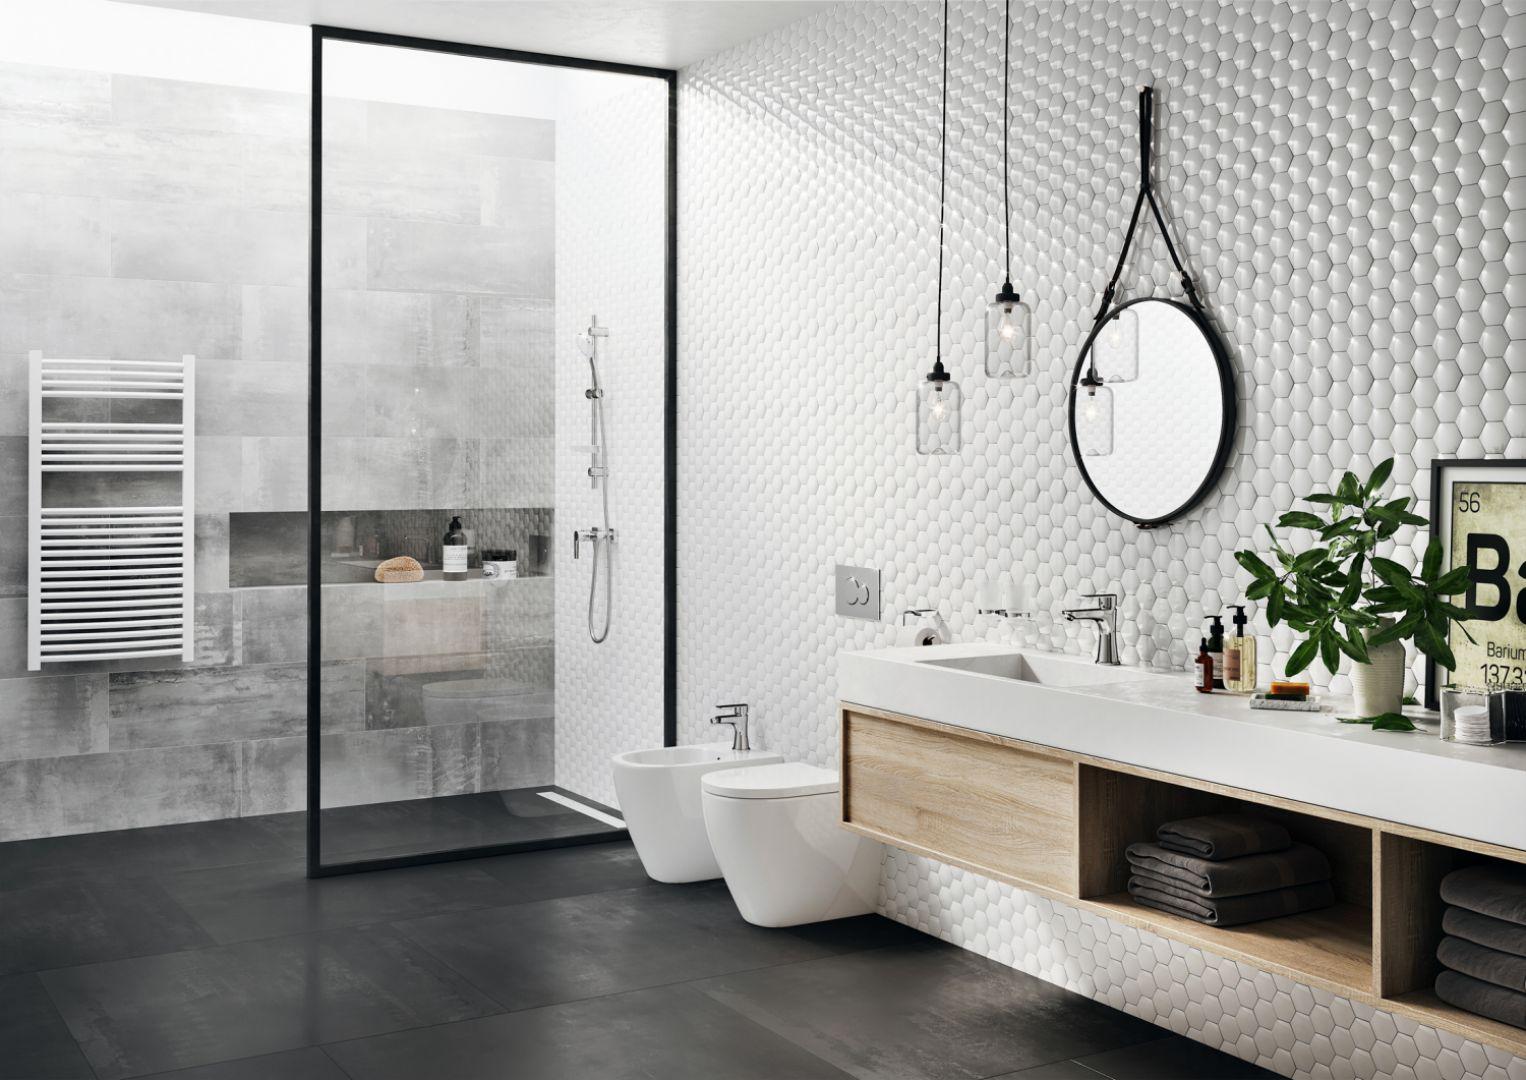 Łazienka w stylu skandynawskim z okrągłym lustrem zawieszonym na skórzanym pasku; na zdjęciu bateria umywalkowa Algeo Square marki Ferro. Fot. Ferro